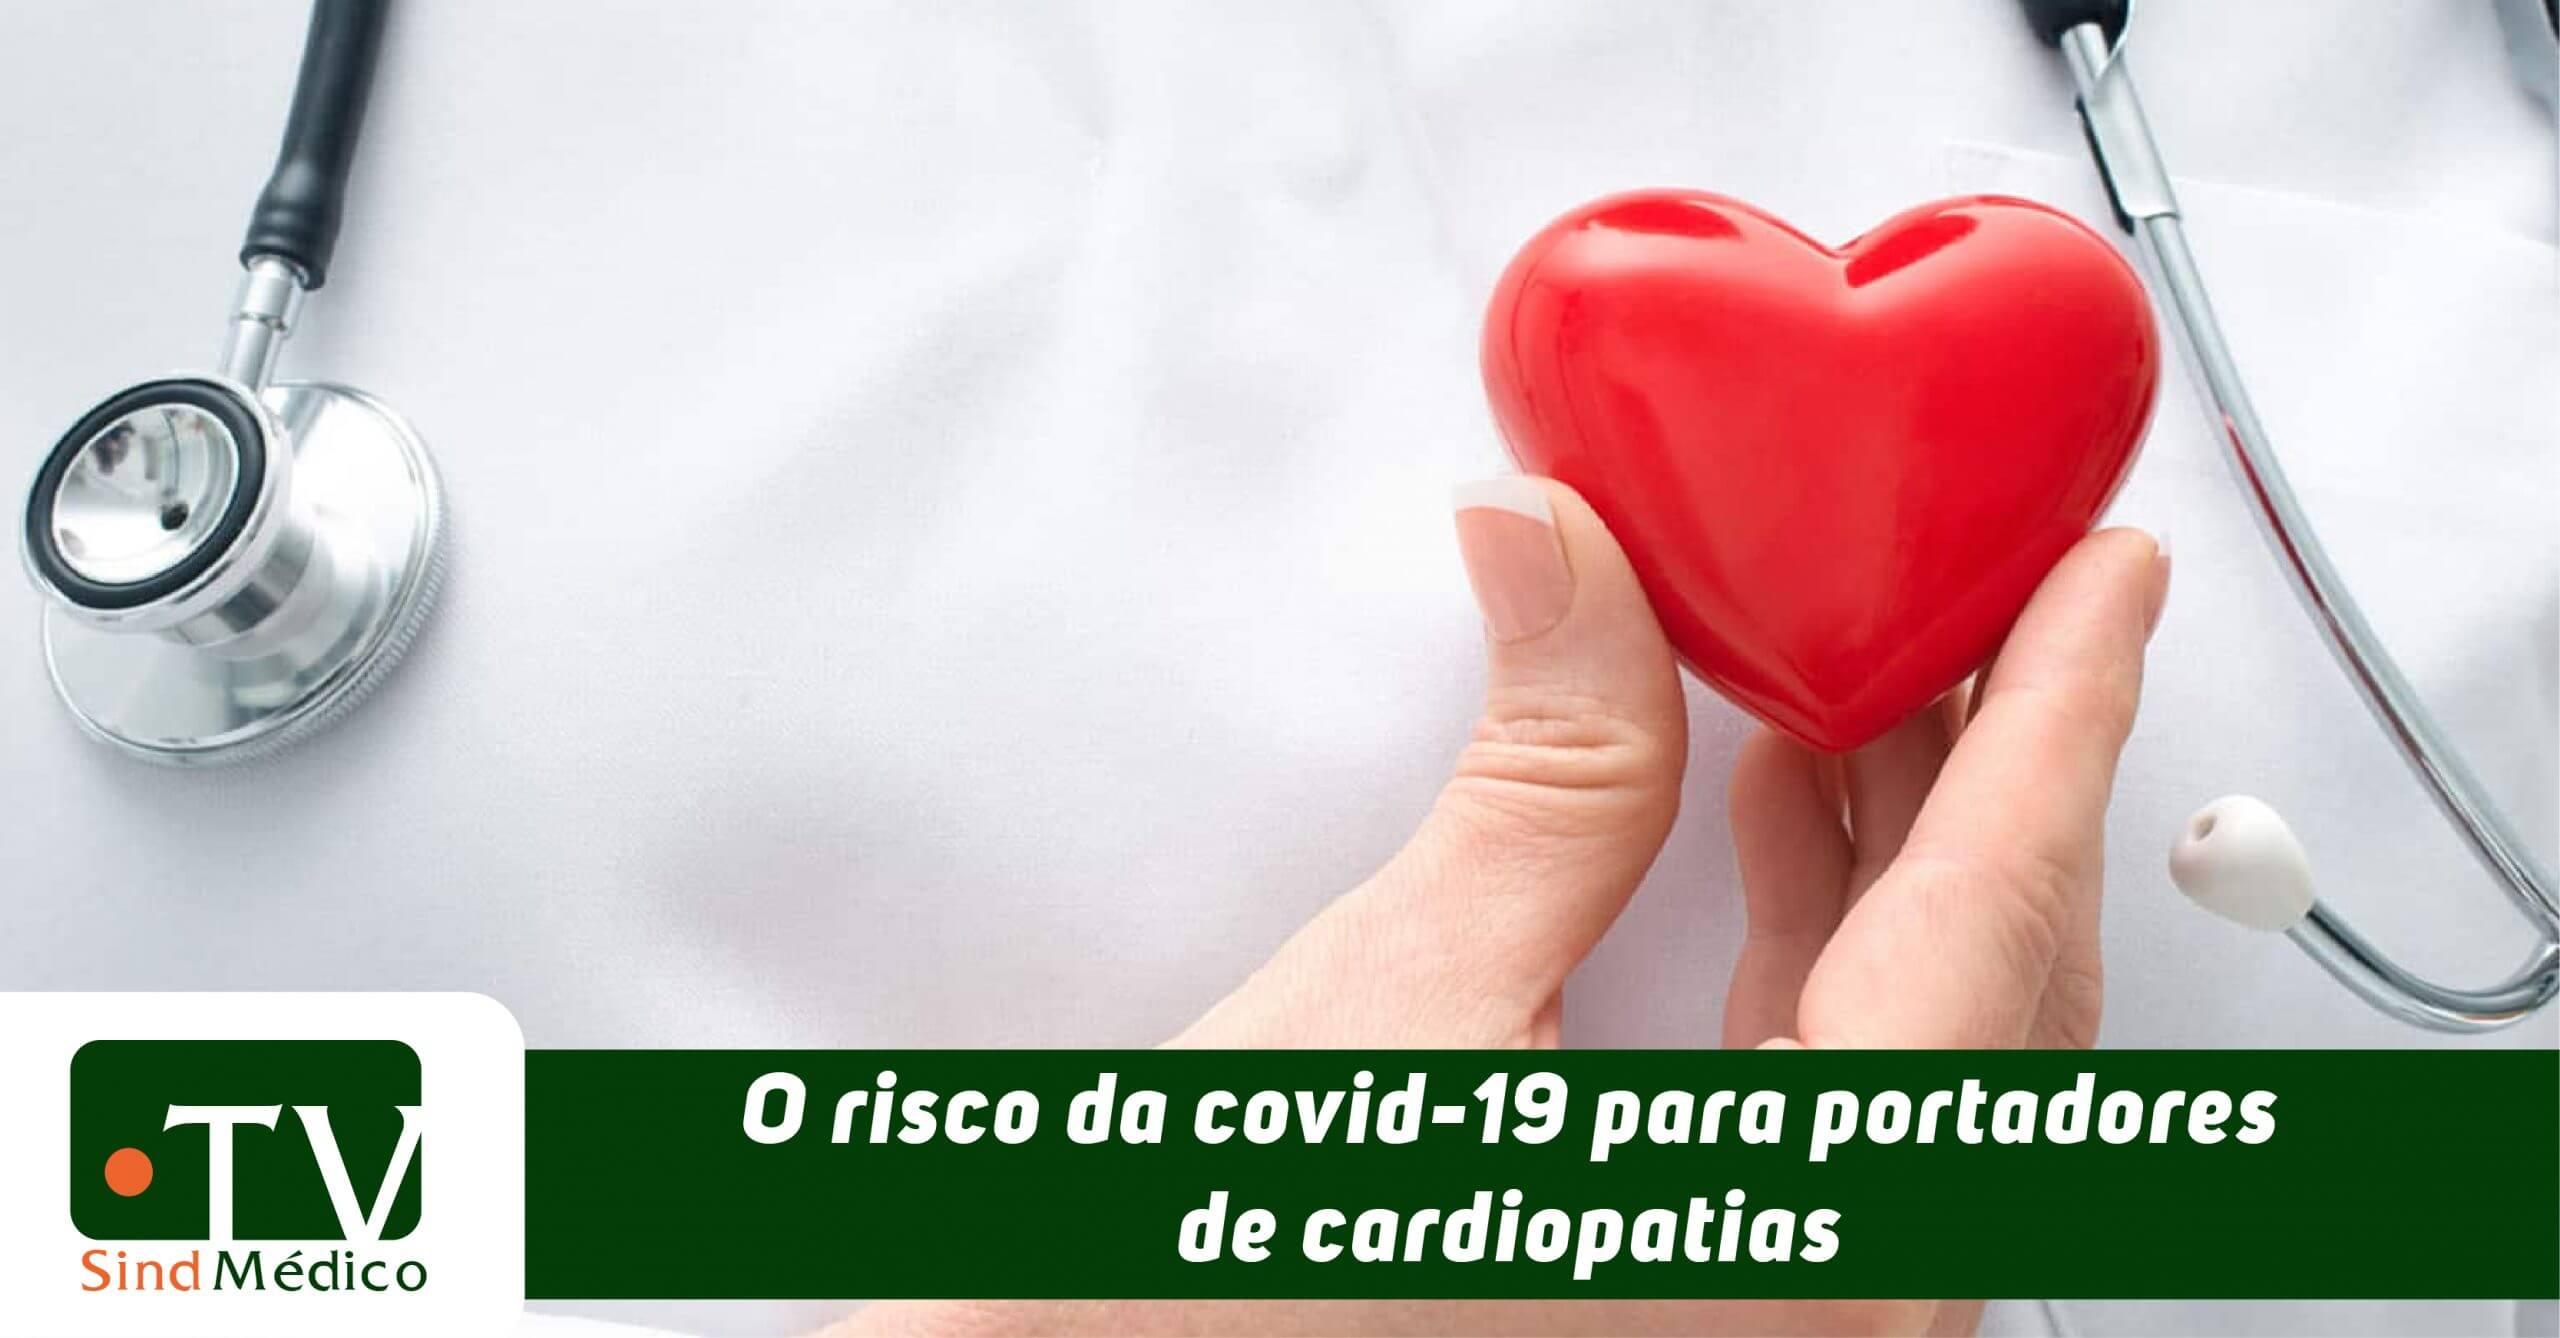 Para cardiopatas, os riscos de contrair coronavírus são maiores? Veja a resposta na TV SindMédico